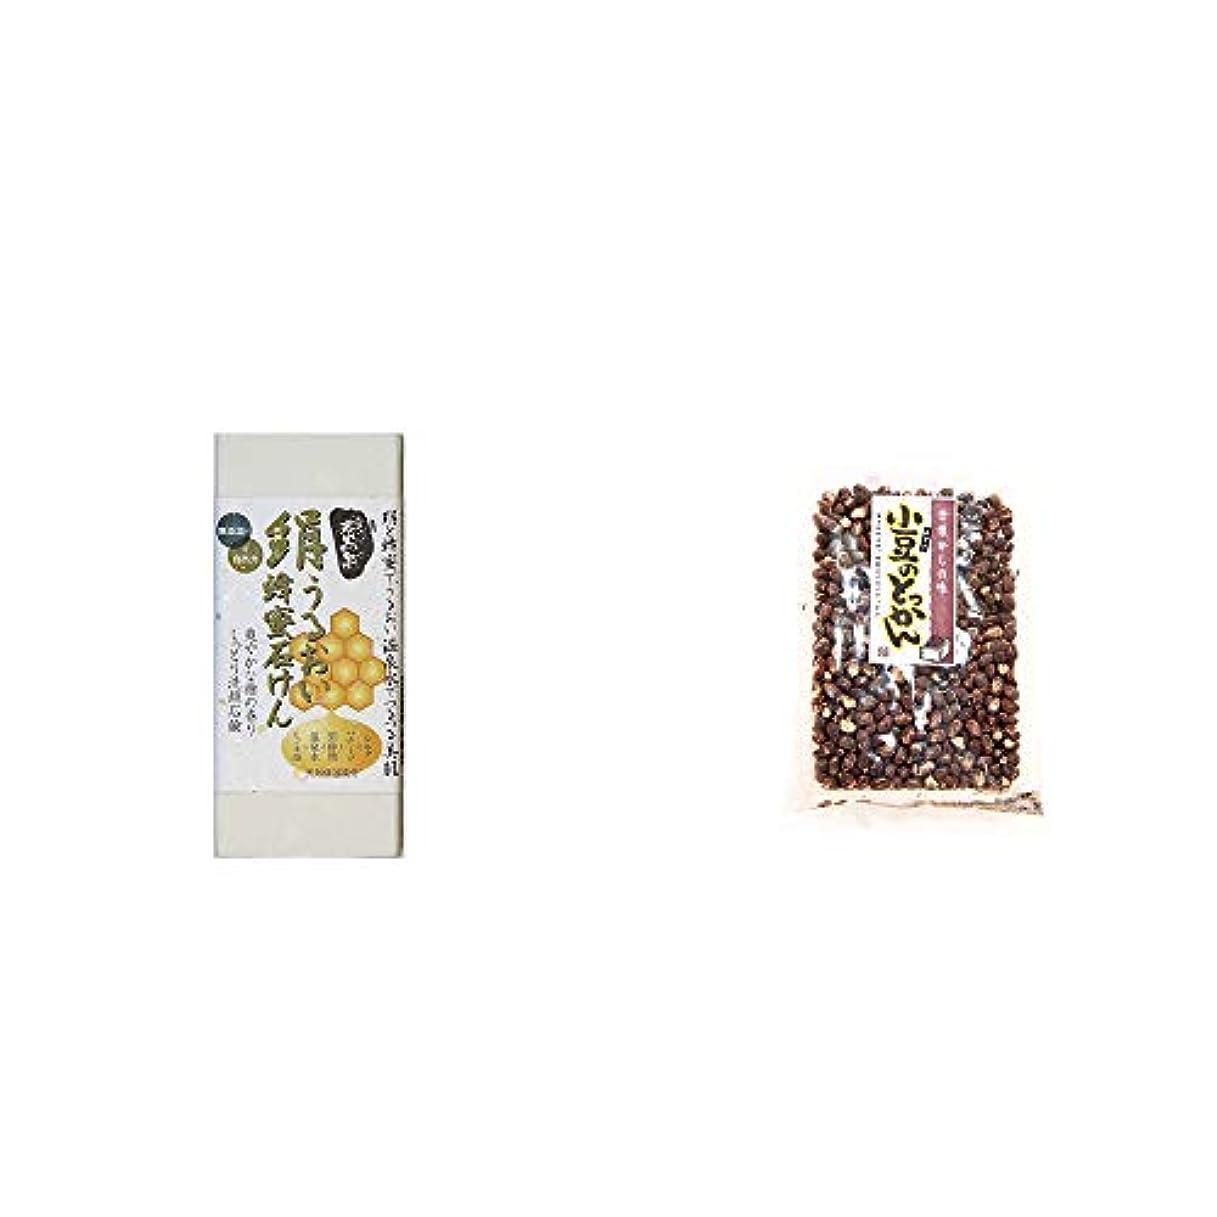 ジャンプする必要としている瀬戸際[2点セット] ひのき炭黒泉 絹うるおい蜂蜜石けん(75g×2)?小豆のとっかん(150g)